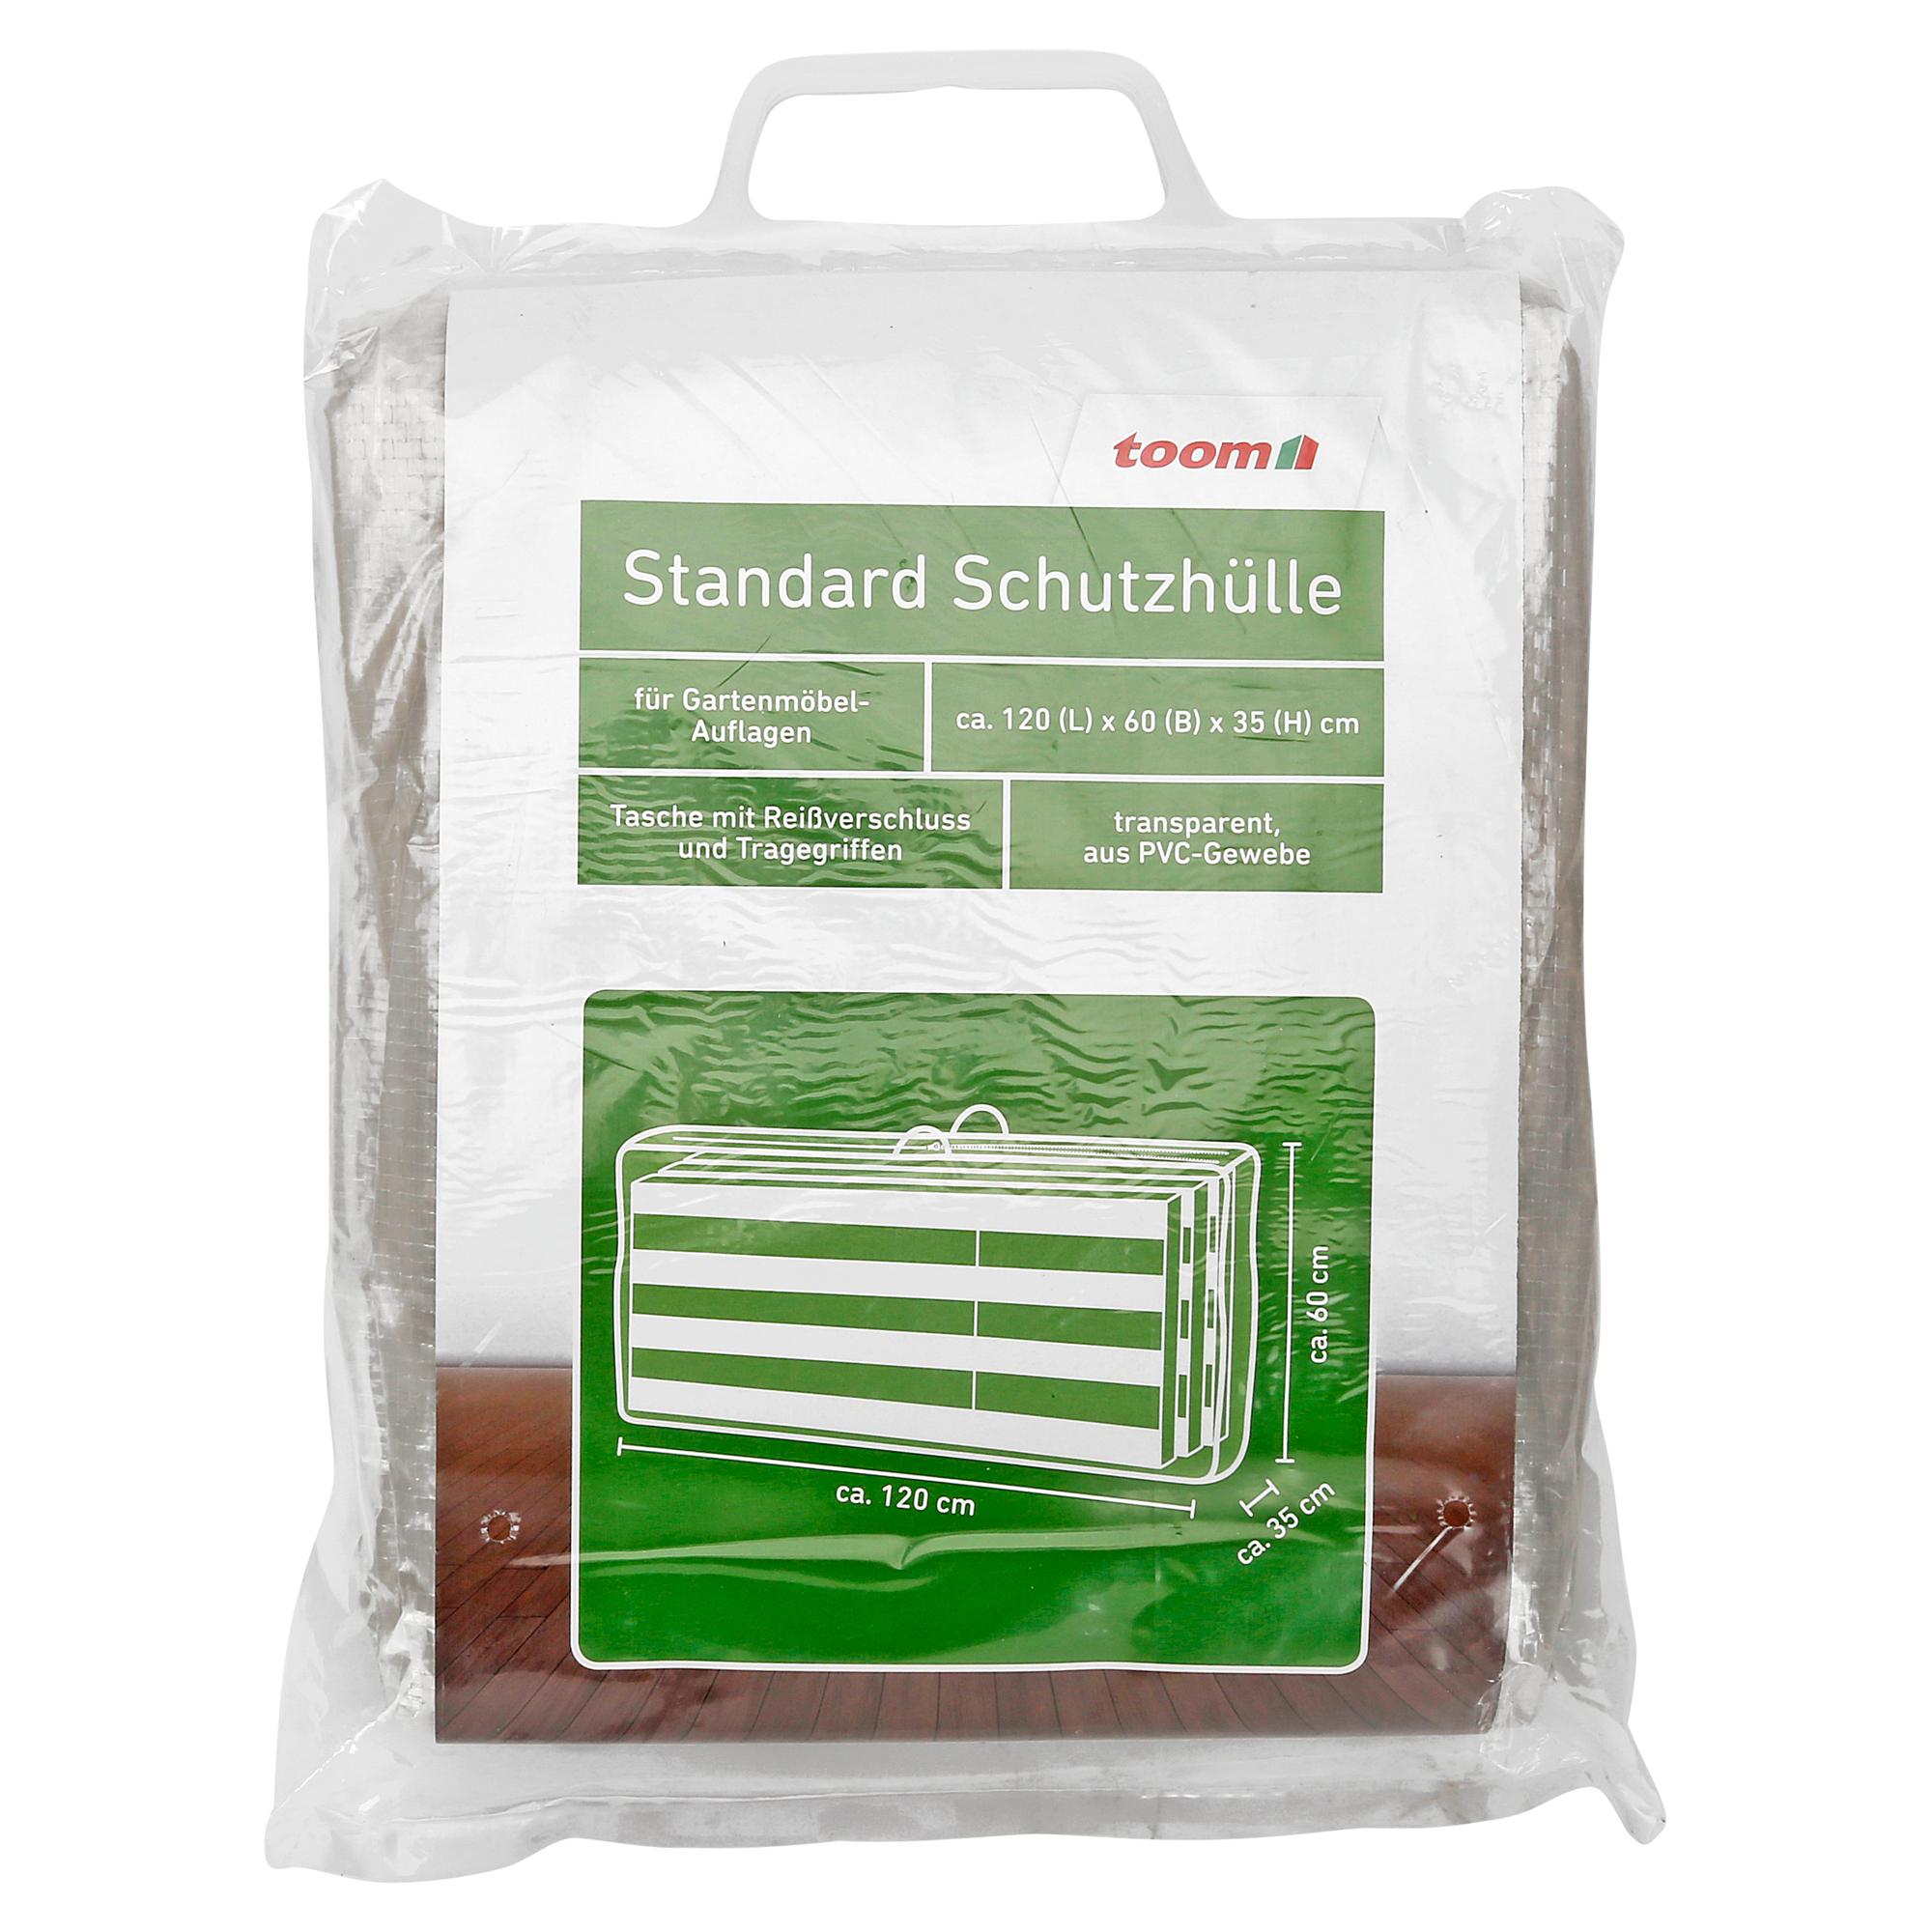 Standard Schutzhülle 120 X 60 X 35 Cm